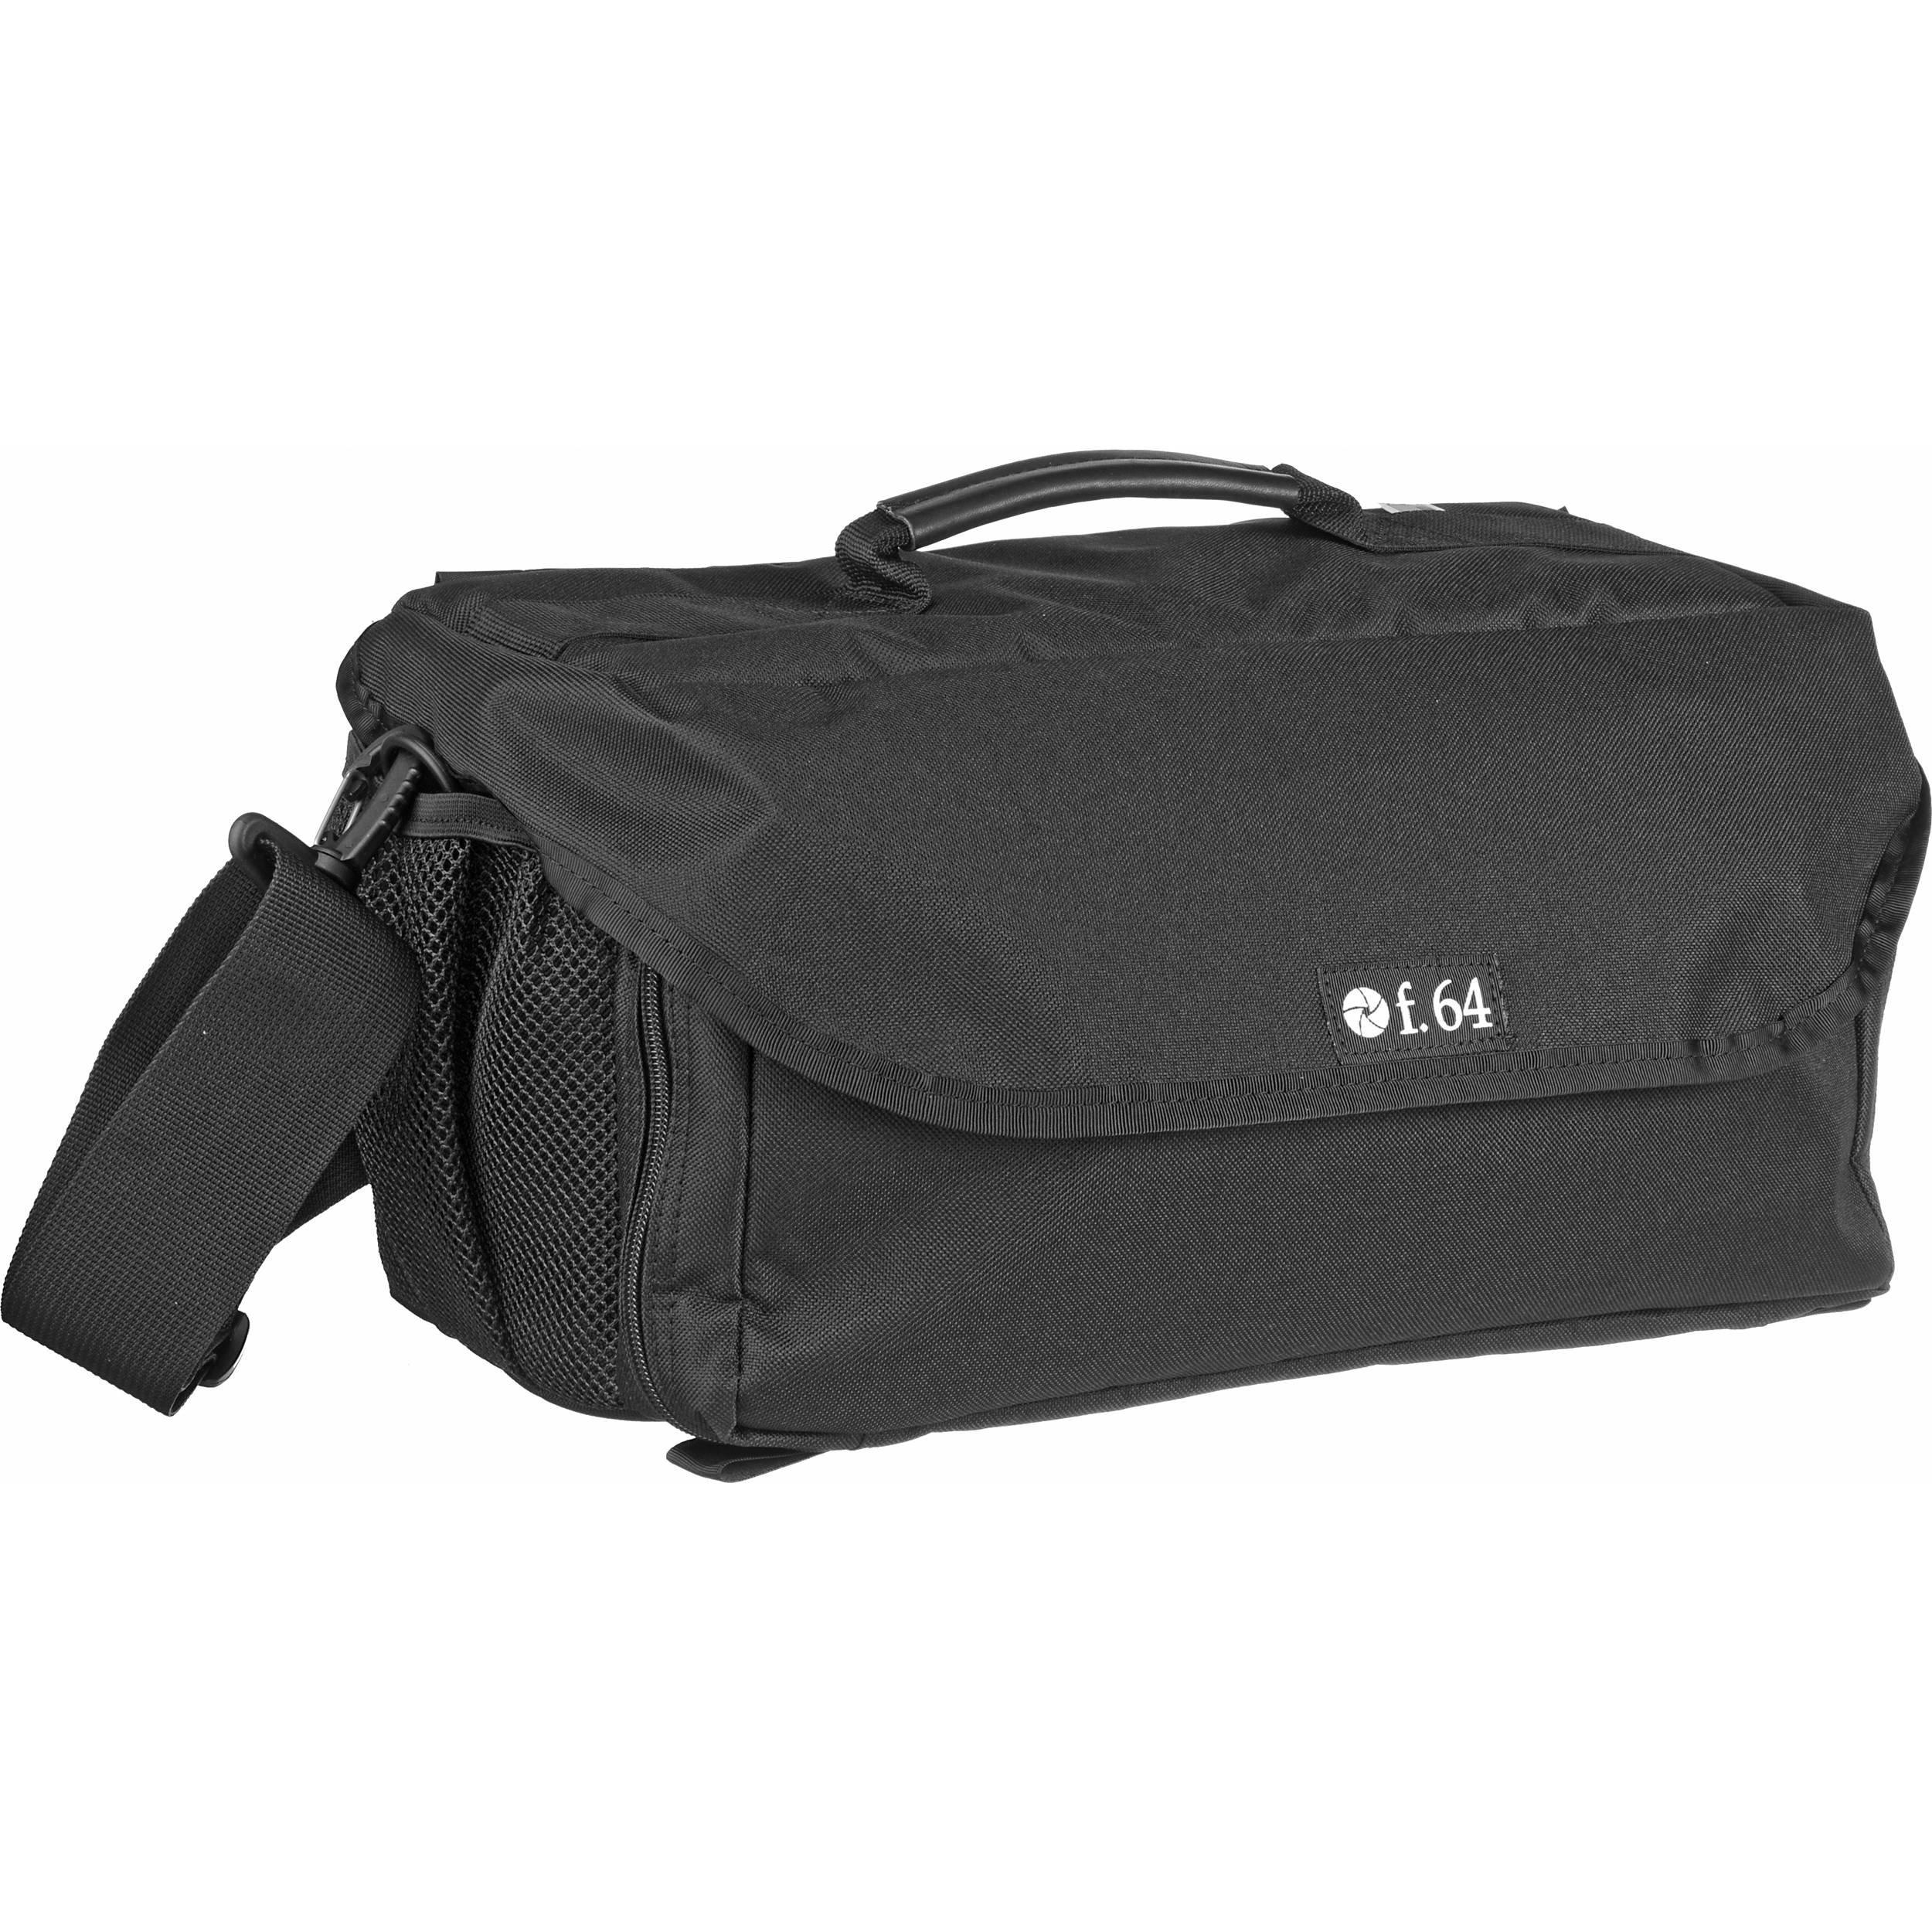 F.64 VTX Black - Camcorder Case Large Video Camera Bag Should Hip Pack Accessory